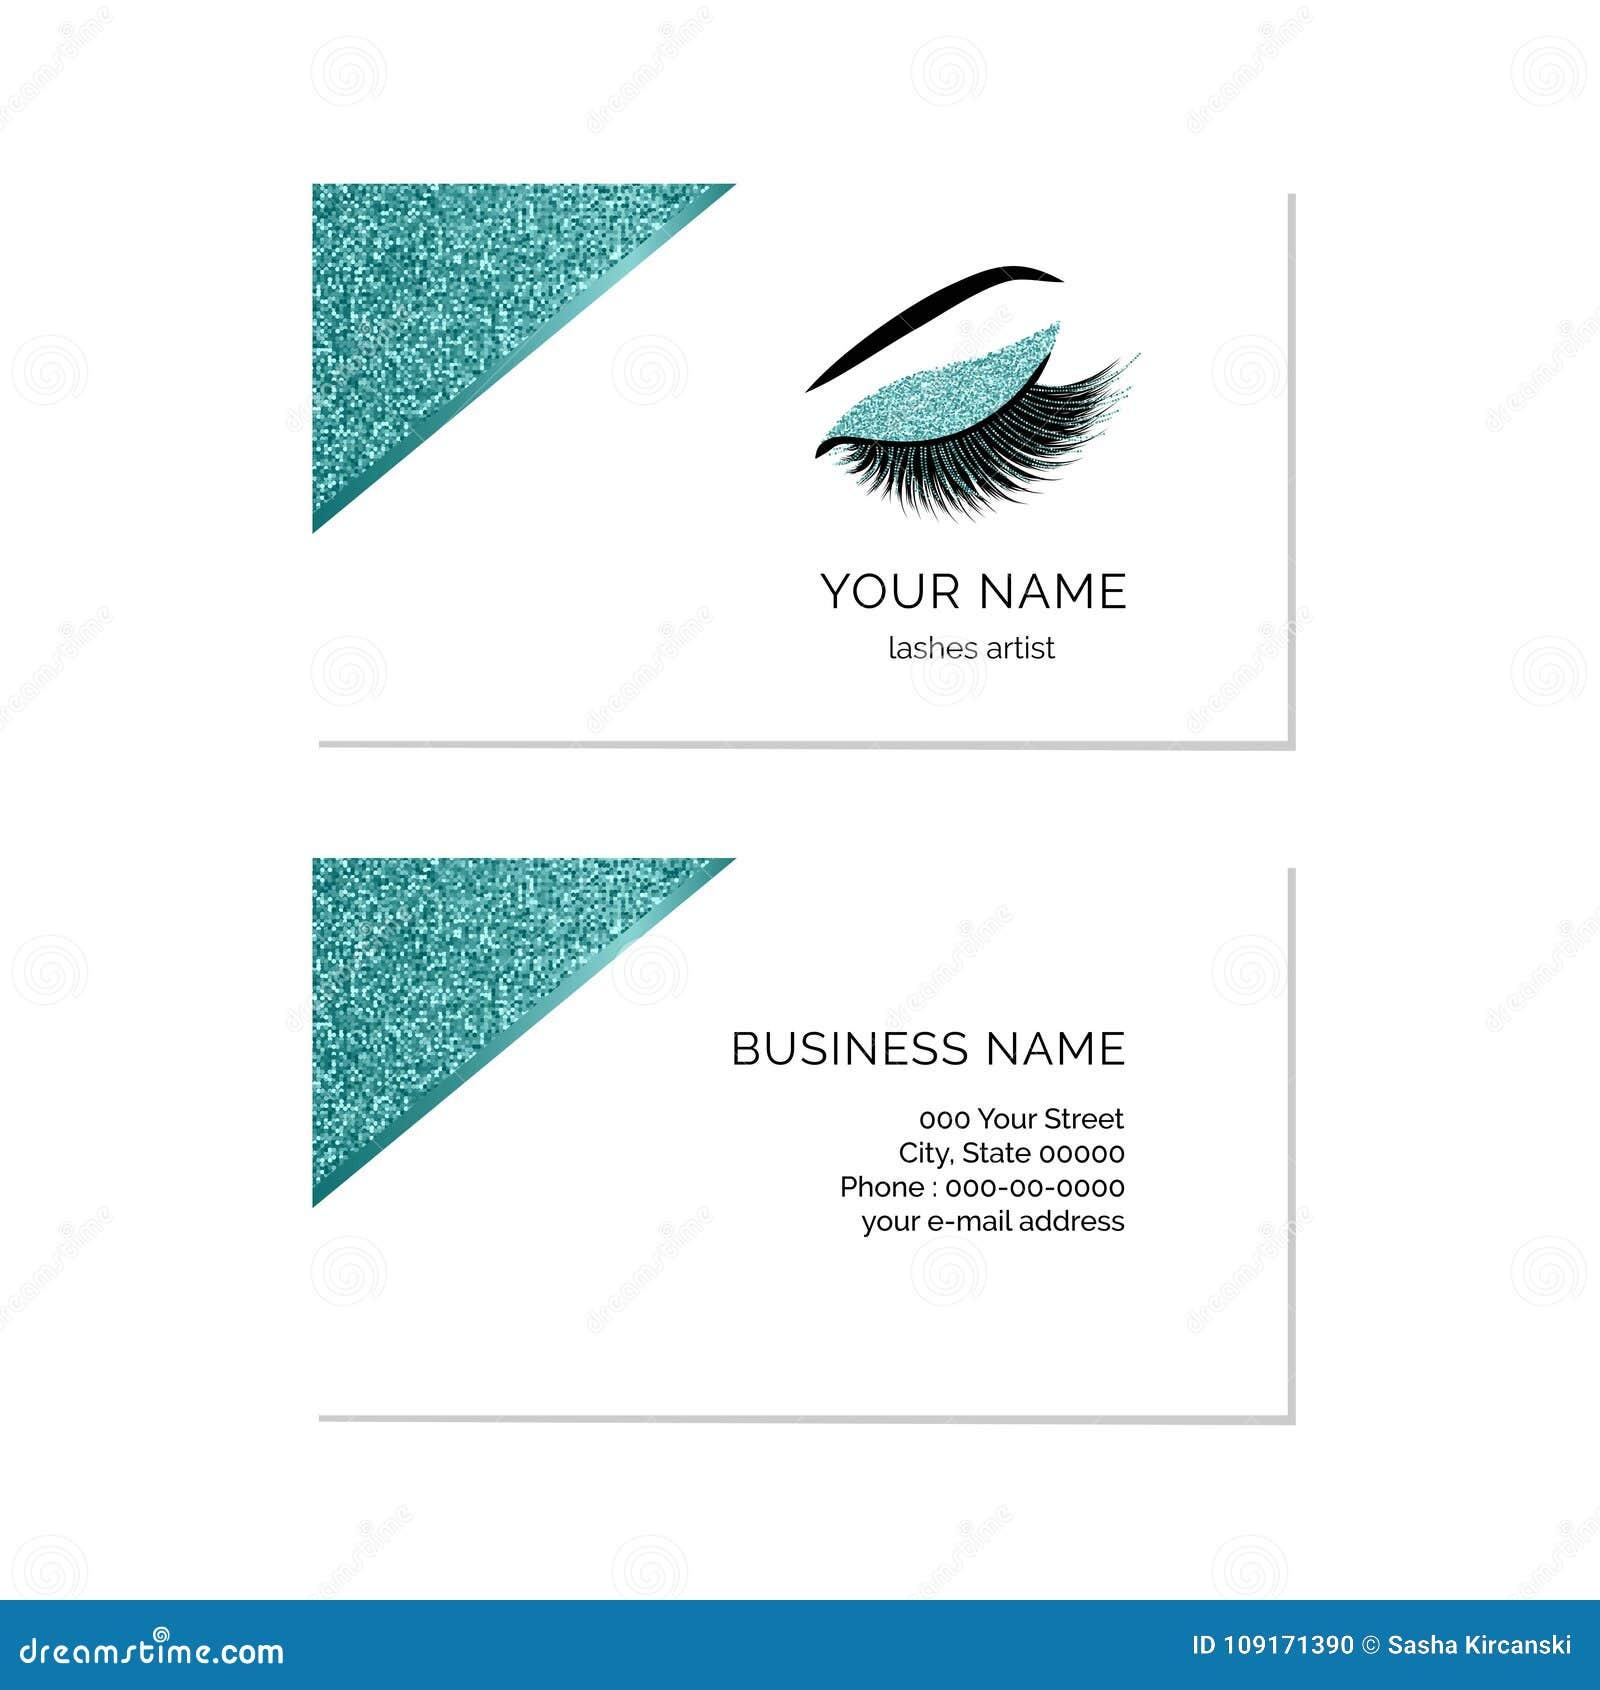 Makeup artist business card vector template stock vector download makeup artist business card vector template stock vector illustration of logo beautiful wajeb Choice Image